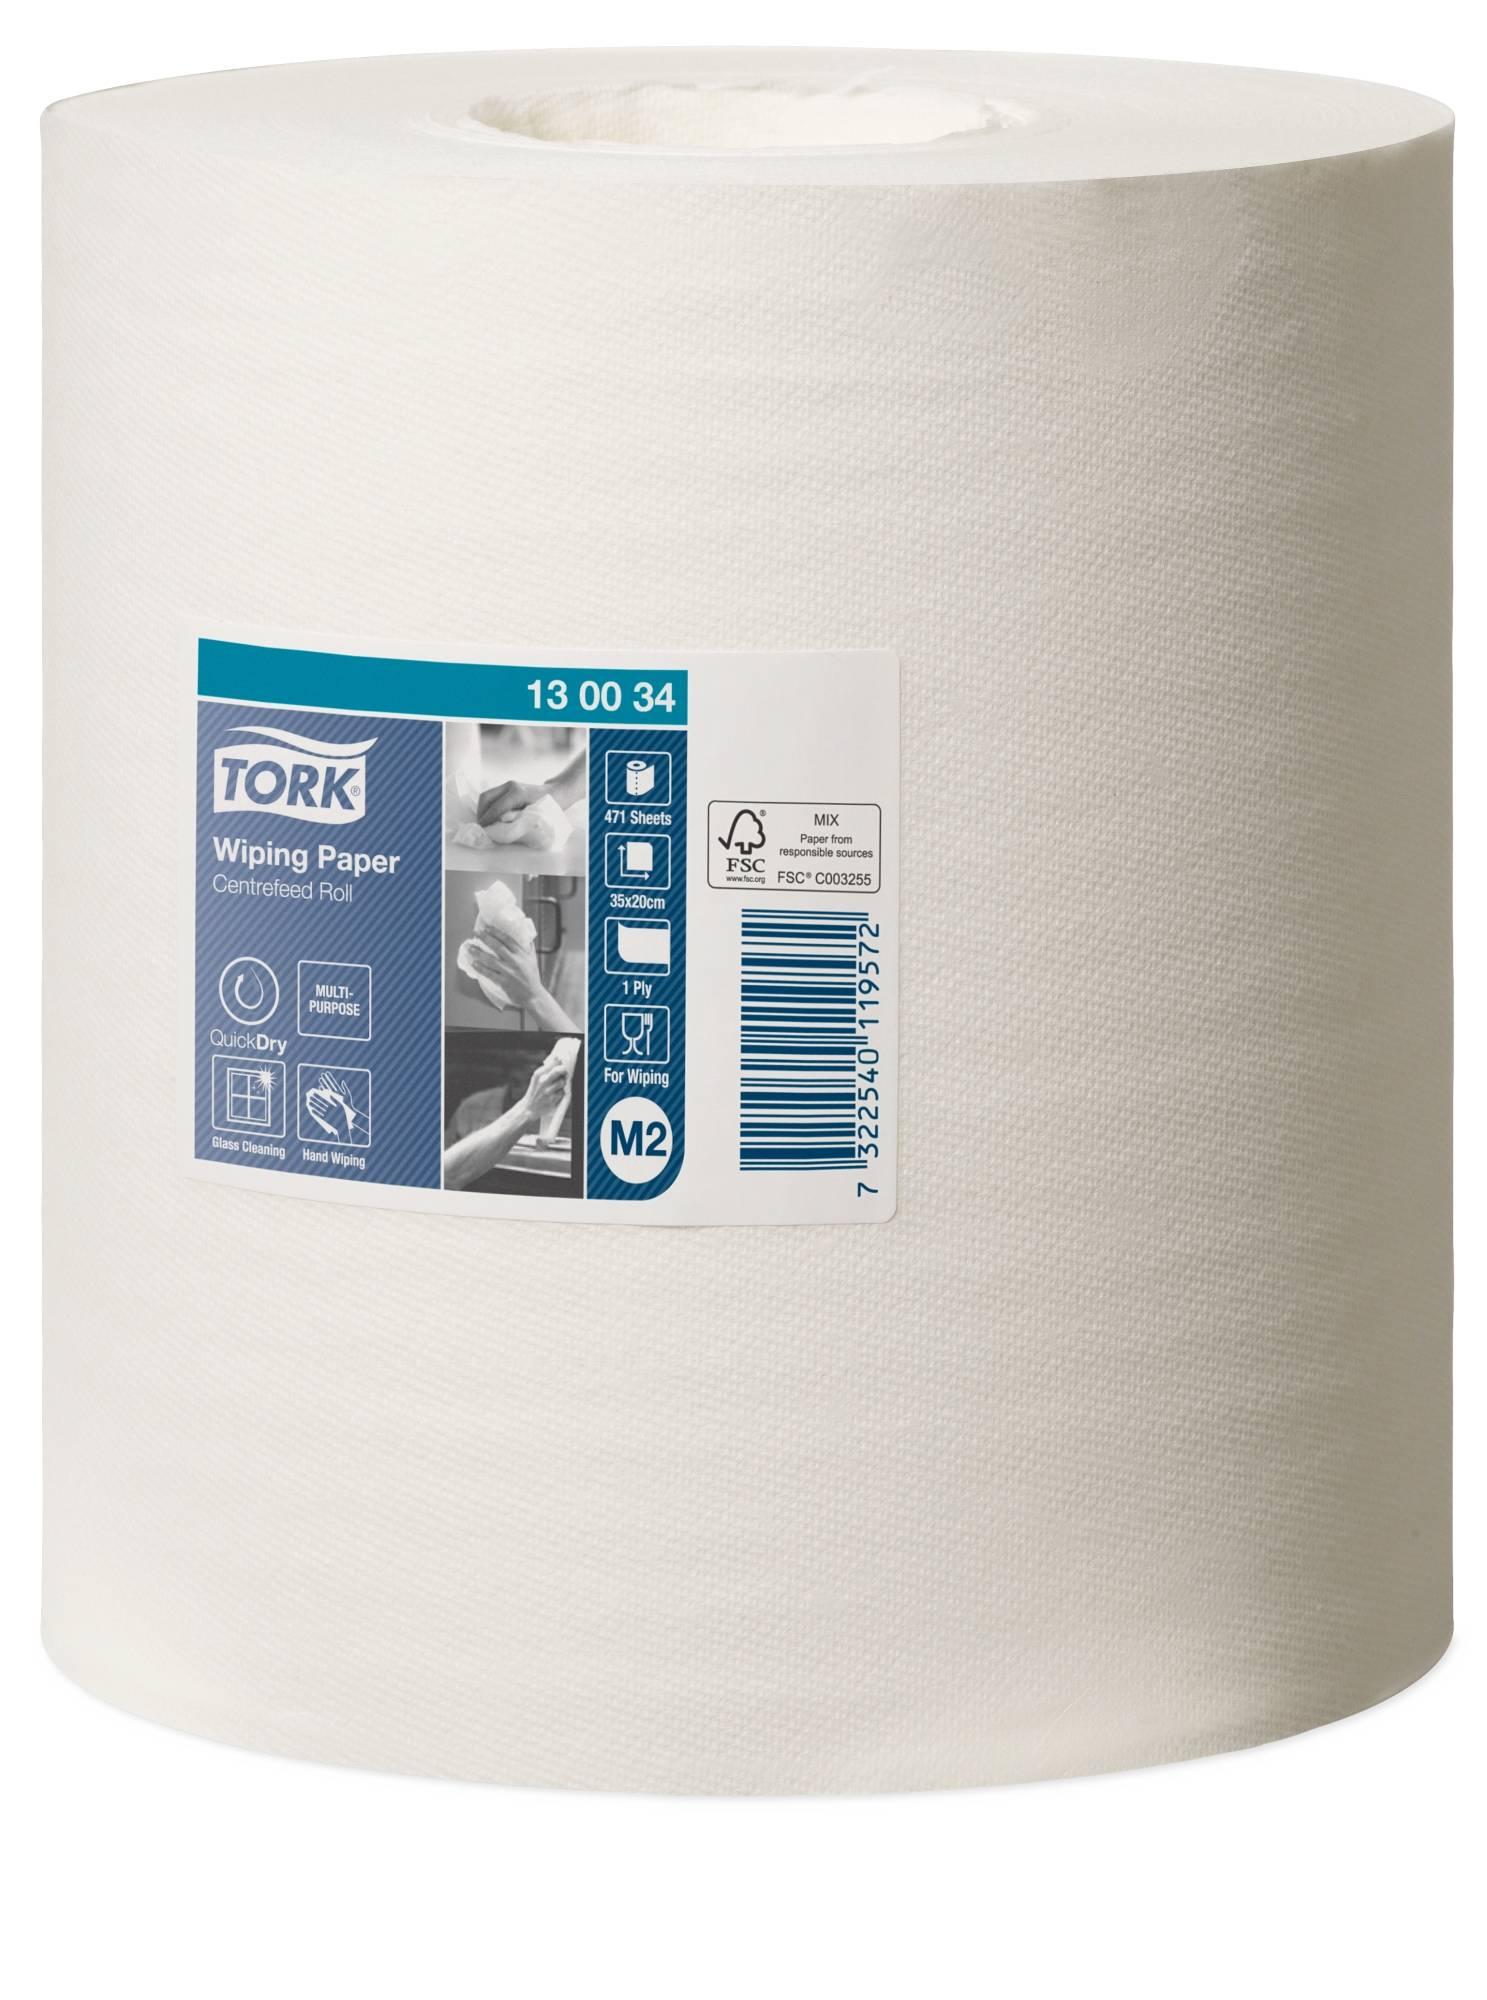 Полотенце бумажные TORK UNIVERSAL М2, 1 слойные, центральная вытяжка, 19,5смх165м, белый